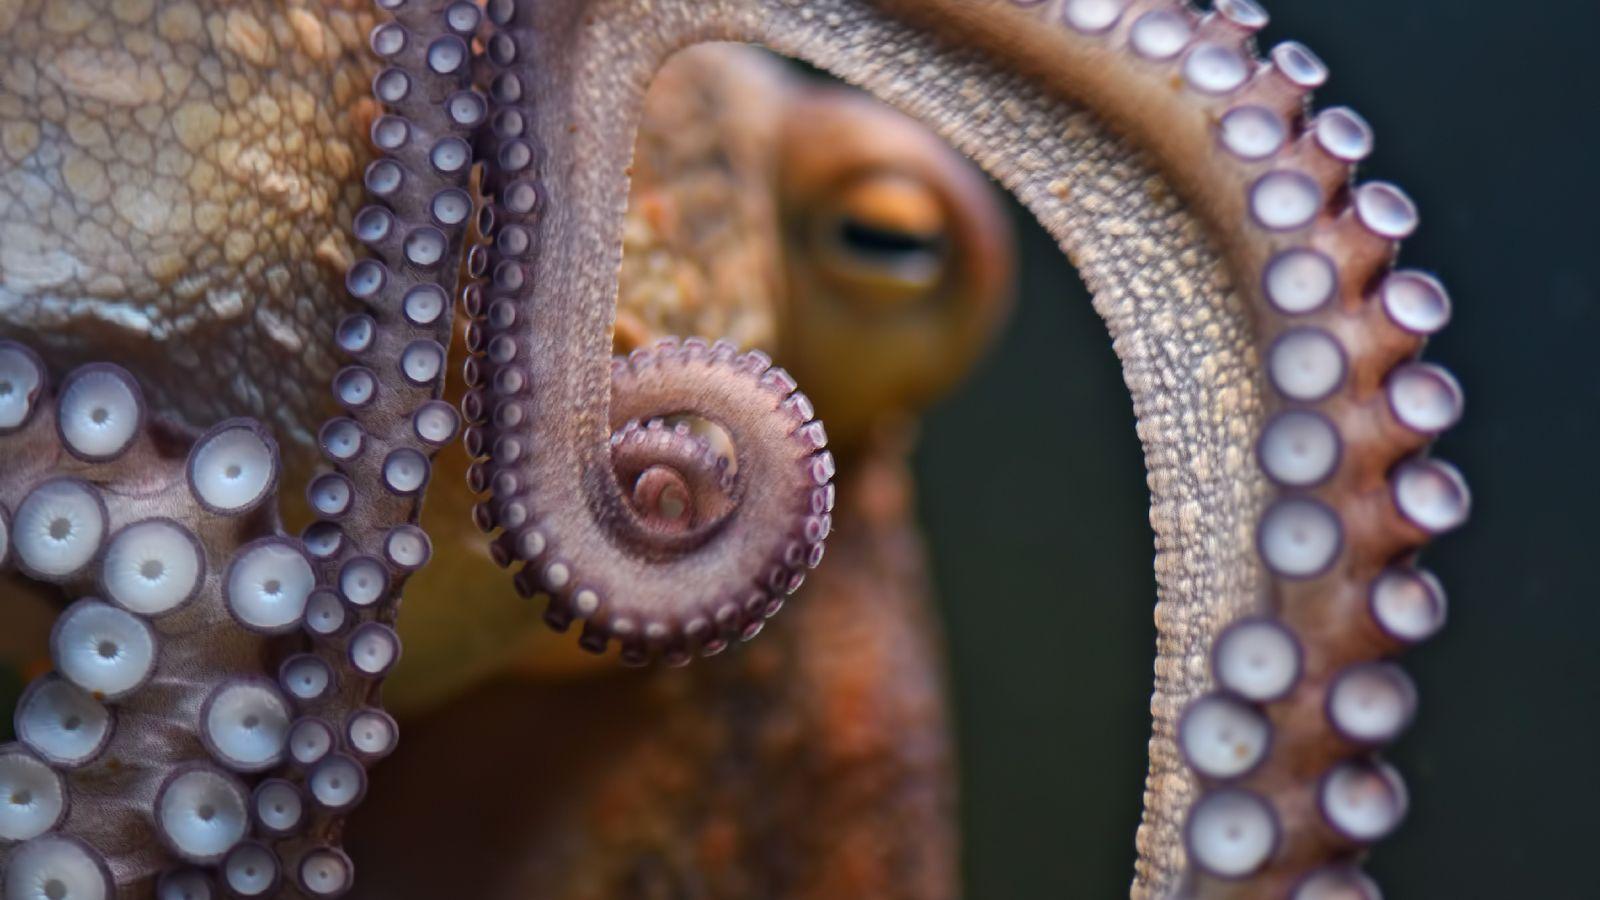 Le calamar géant devint un personnage littéraire à part entière au travers d'œuvres telles que Les ...